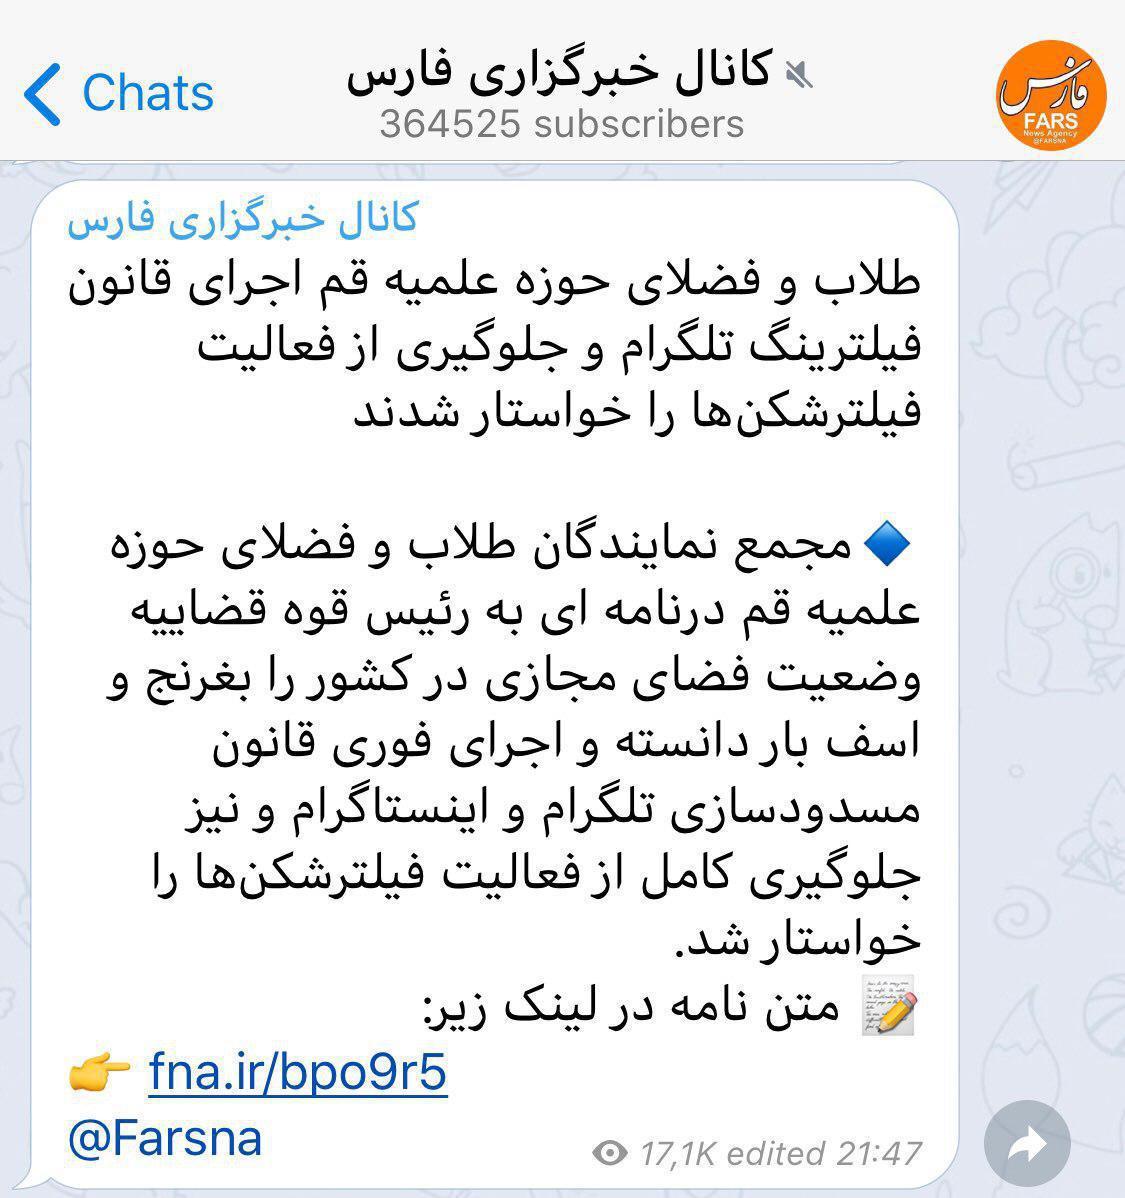 کانال خبرگزاری فارس که بعد از ماهها دوباره به تلگرام برگشته خبر از درخواست فیلترینگ تلگرام توسط طلاب داد!